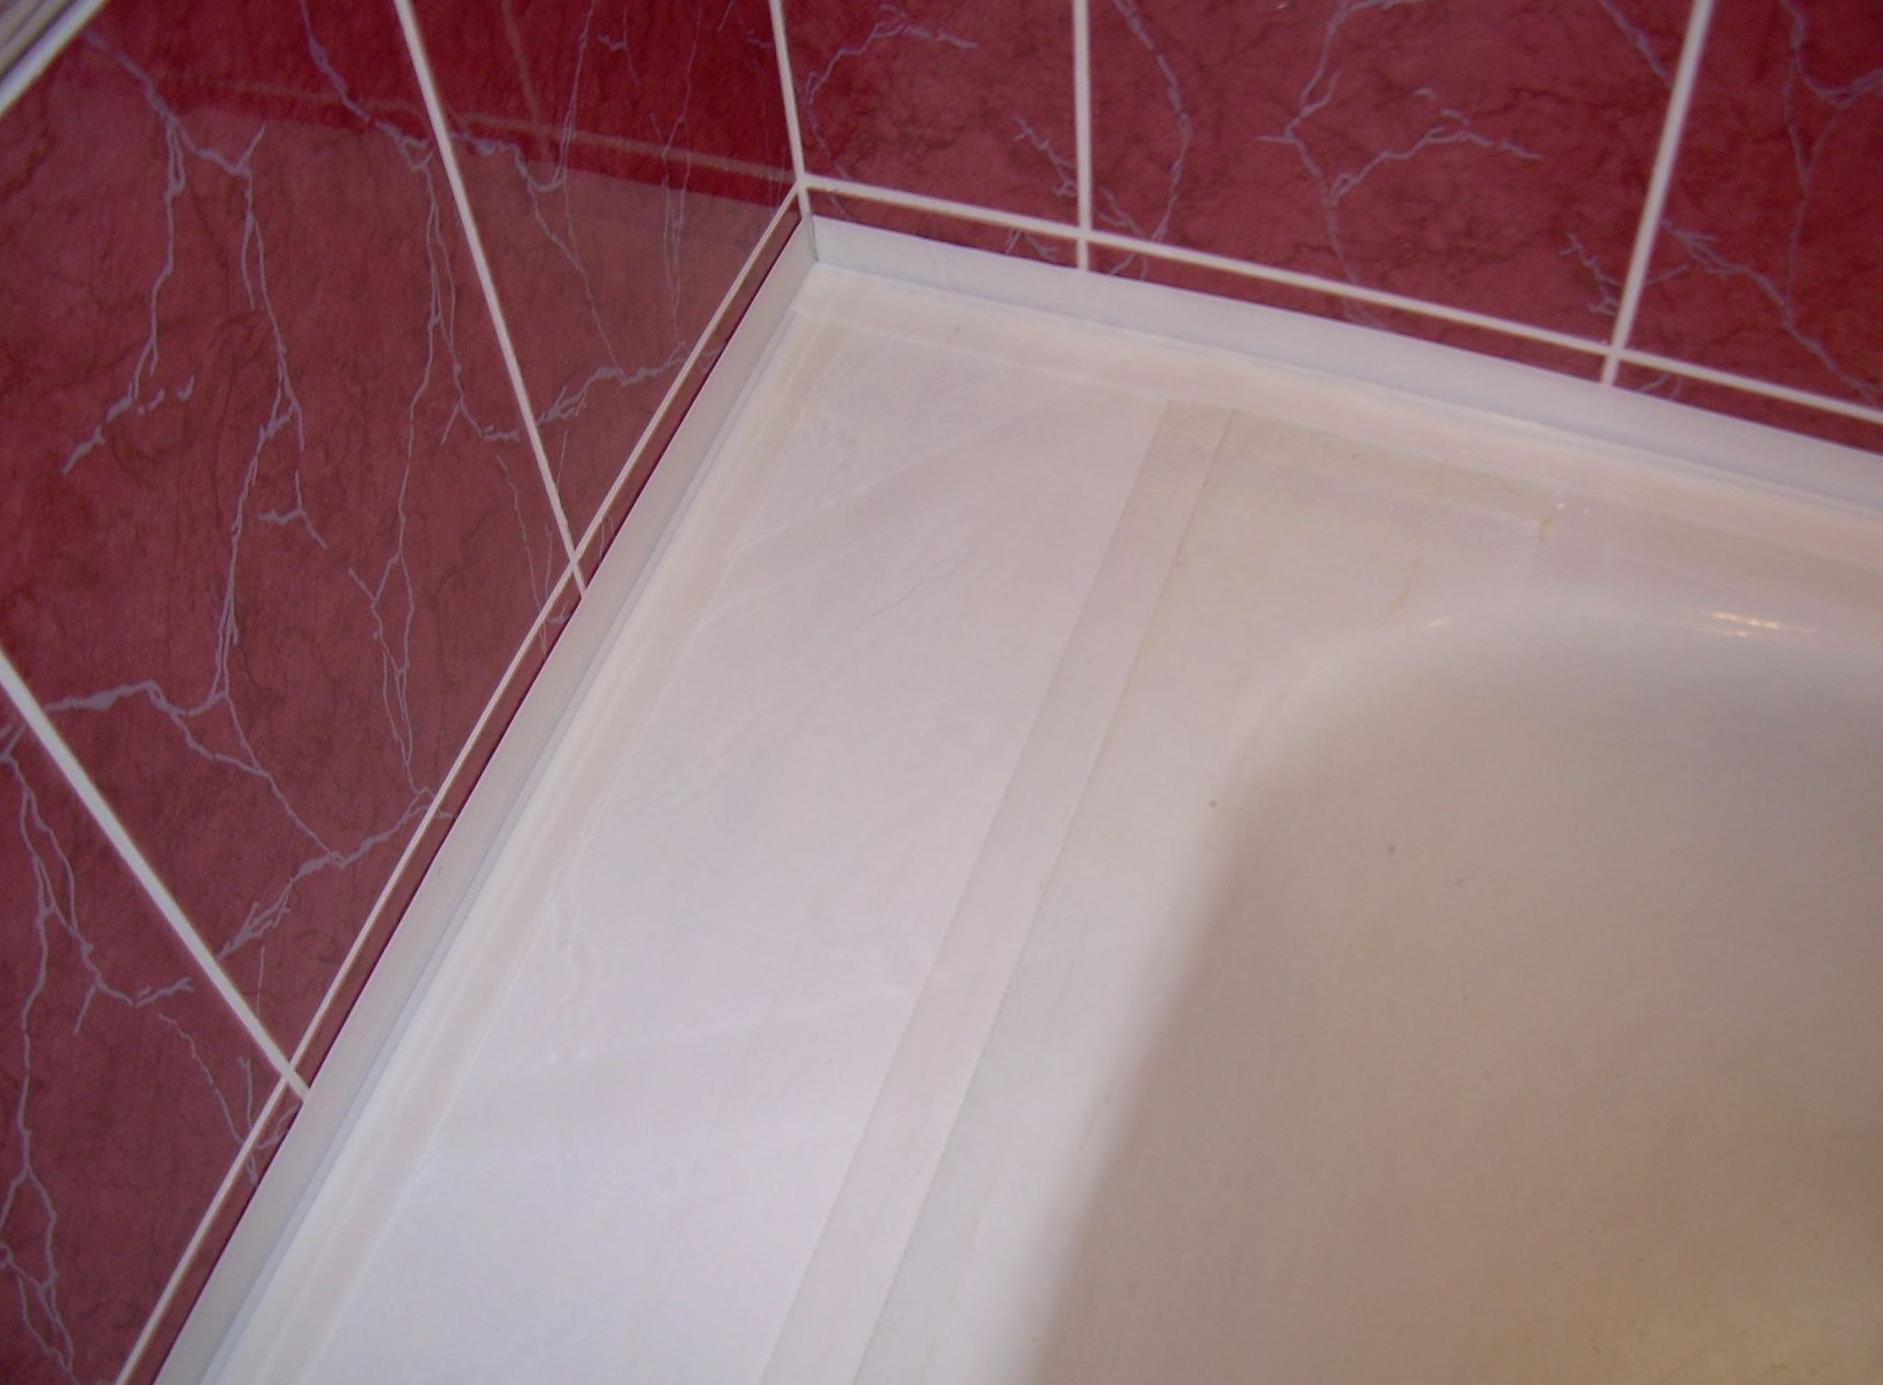 Герметизация ванны по периметру как выполнить эту работу